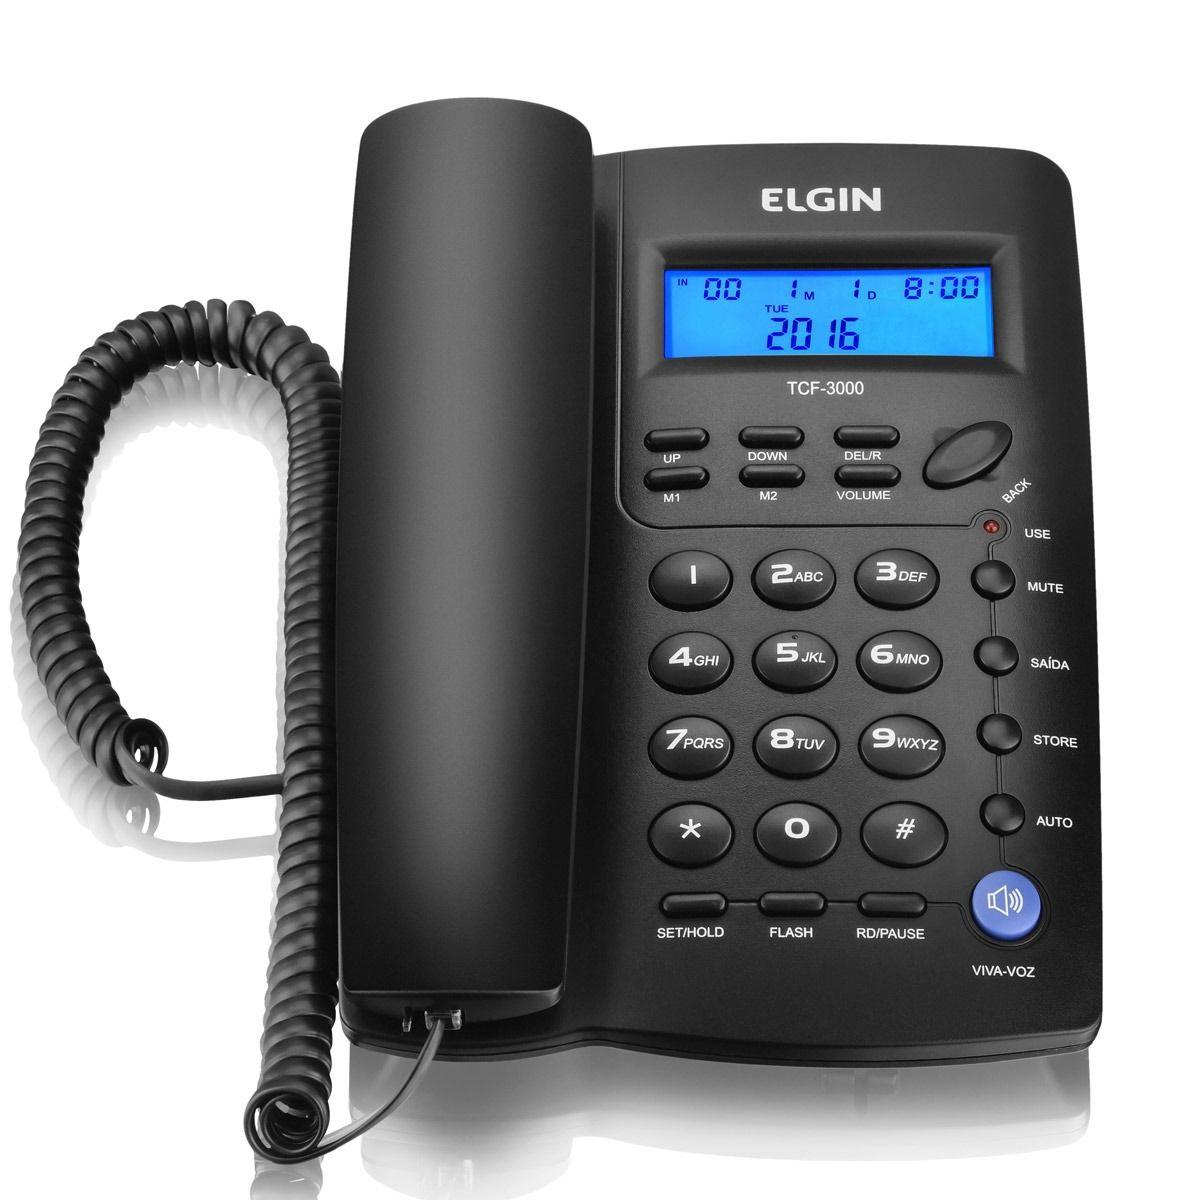 Telefone De Mesa Elgin Tcf3000 Identificador De Chamadas| Viva Voz| Preta